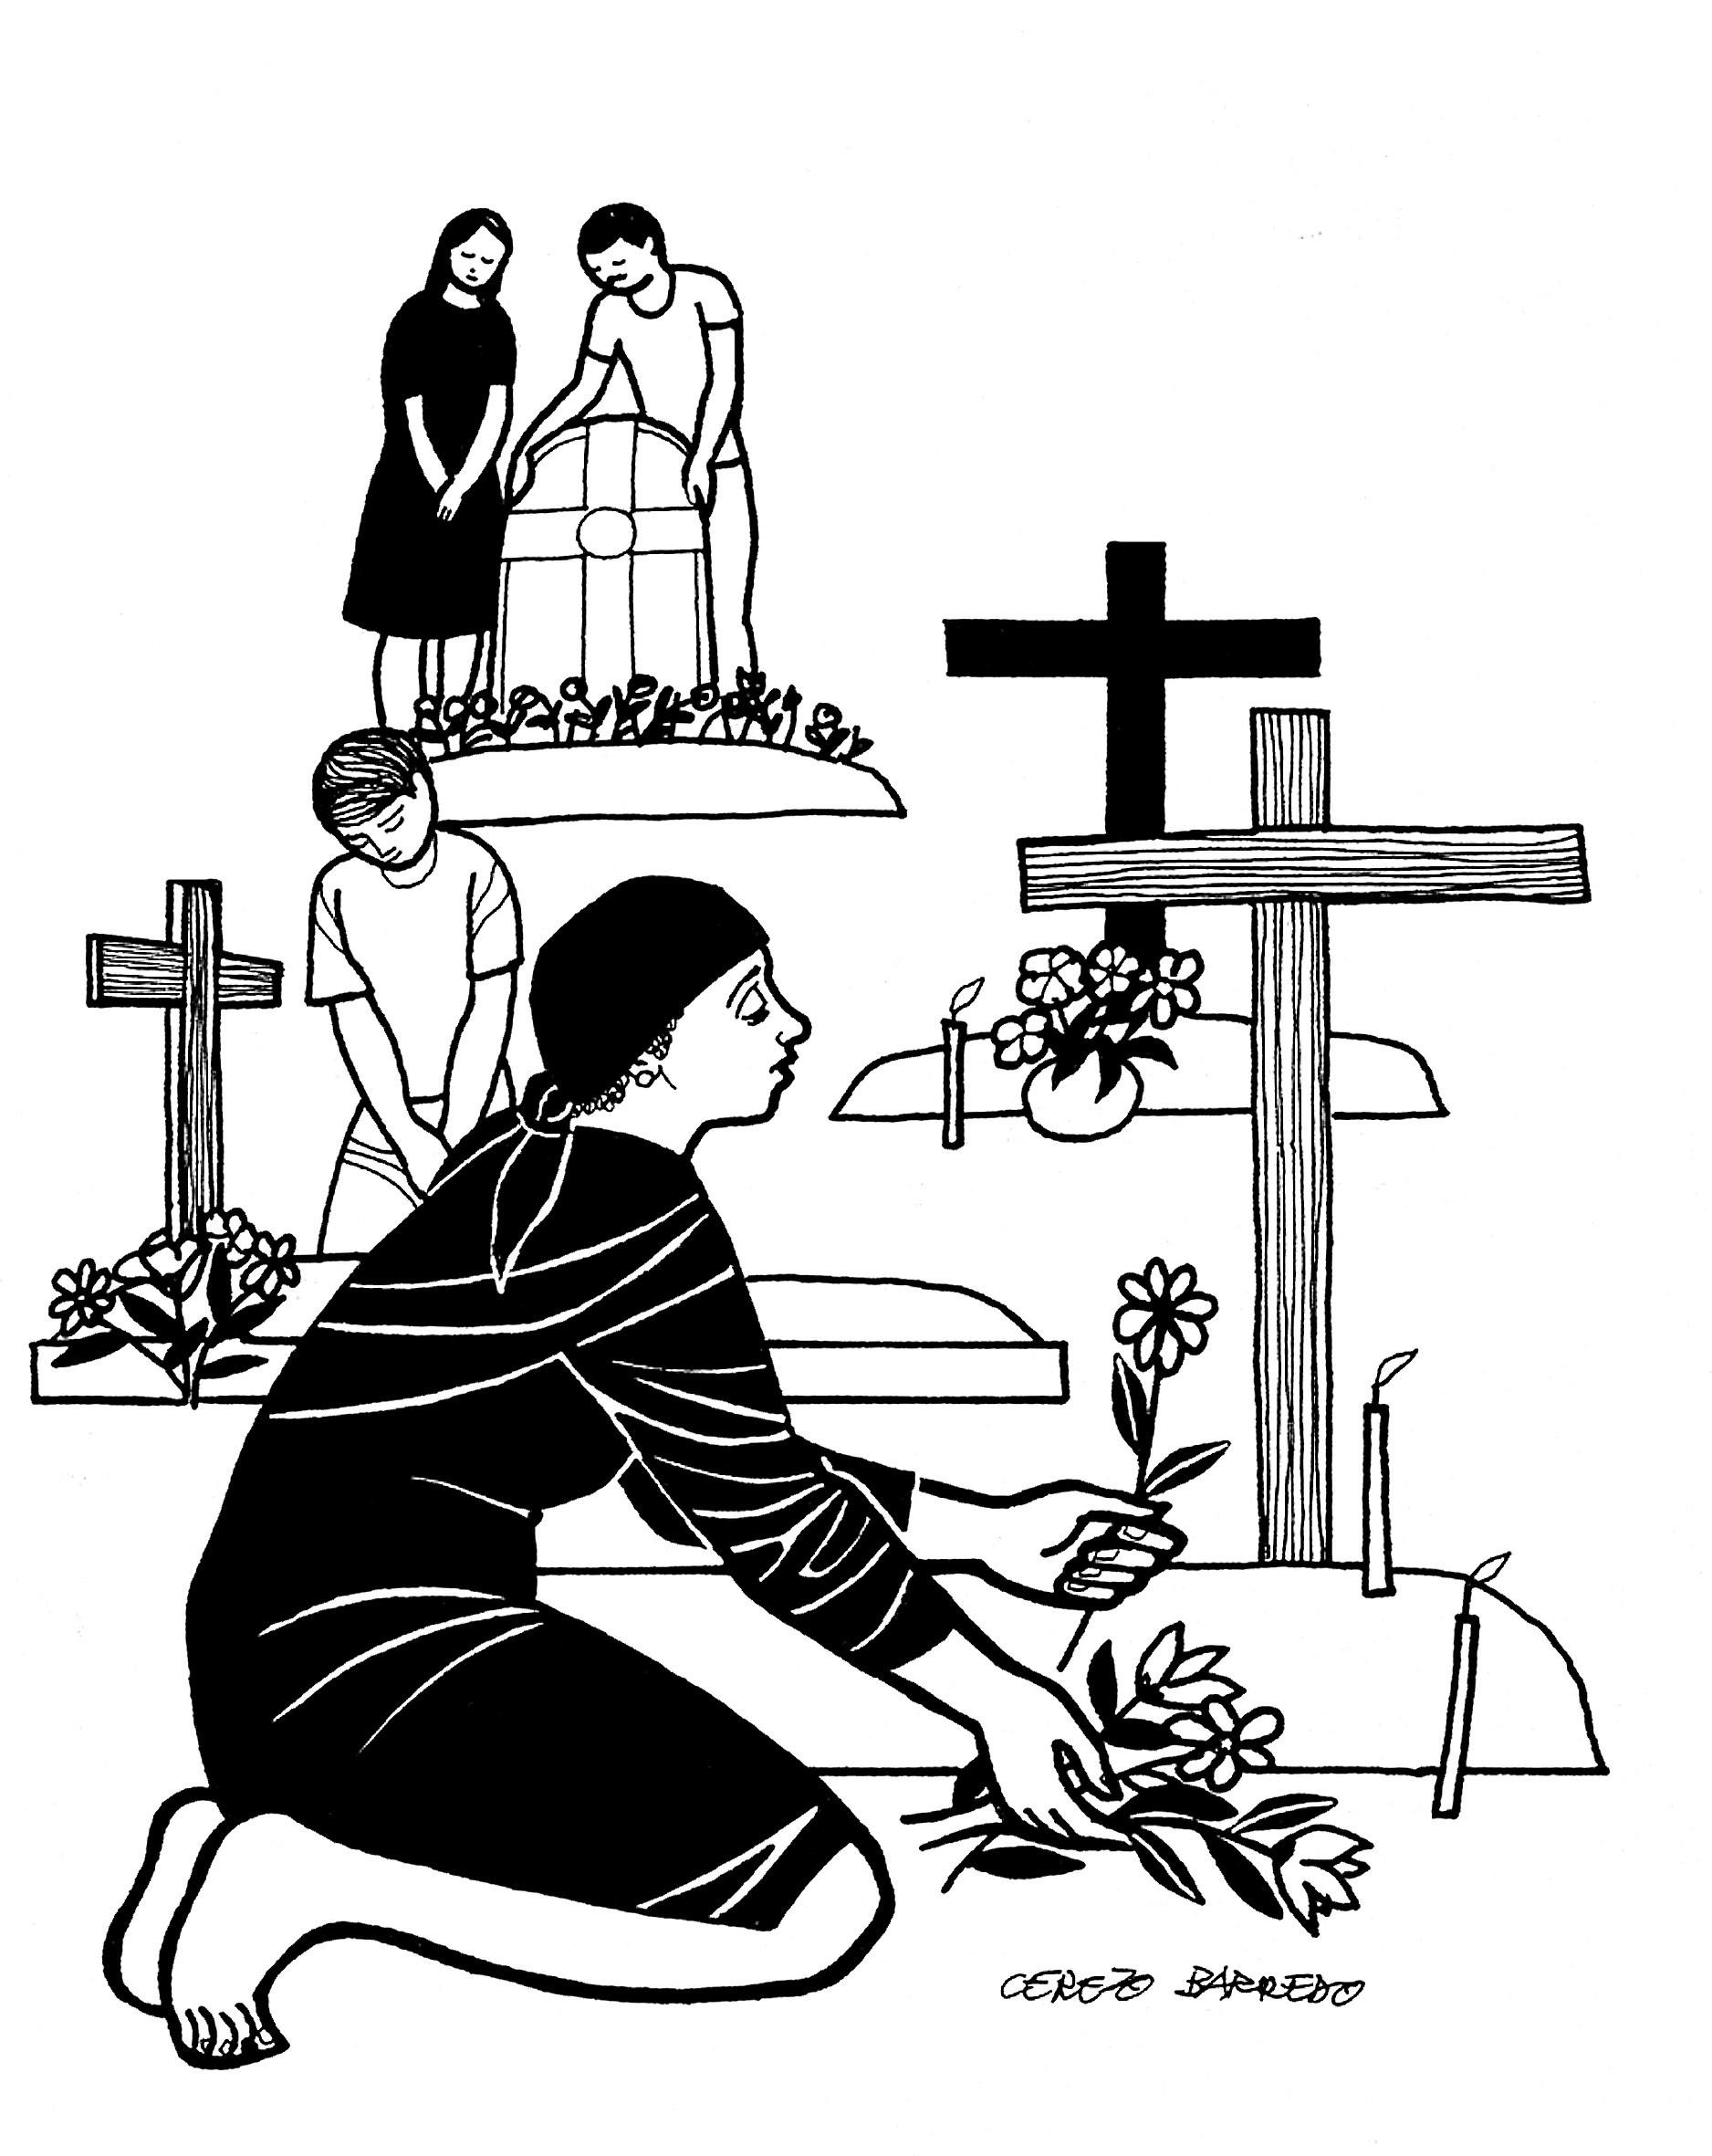 Evangelio segºn del domingo 2 de noviembre de 2014